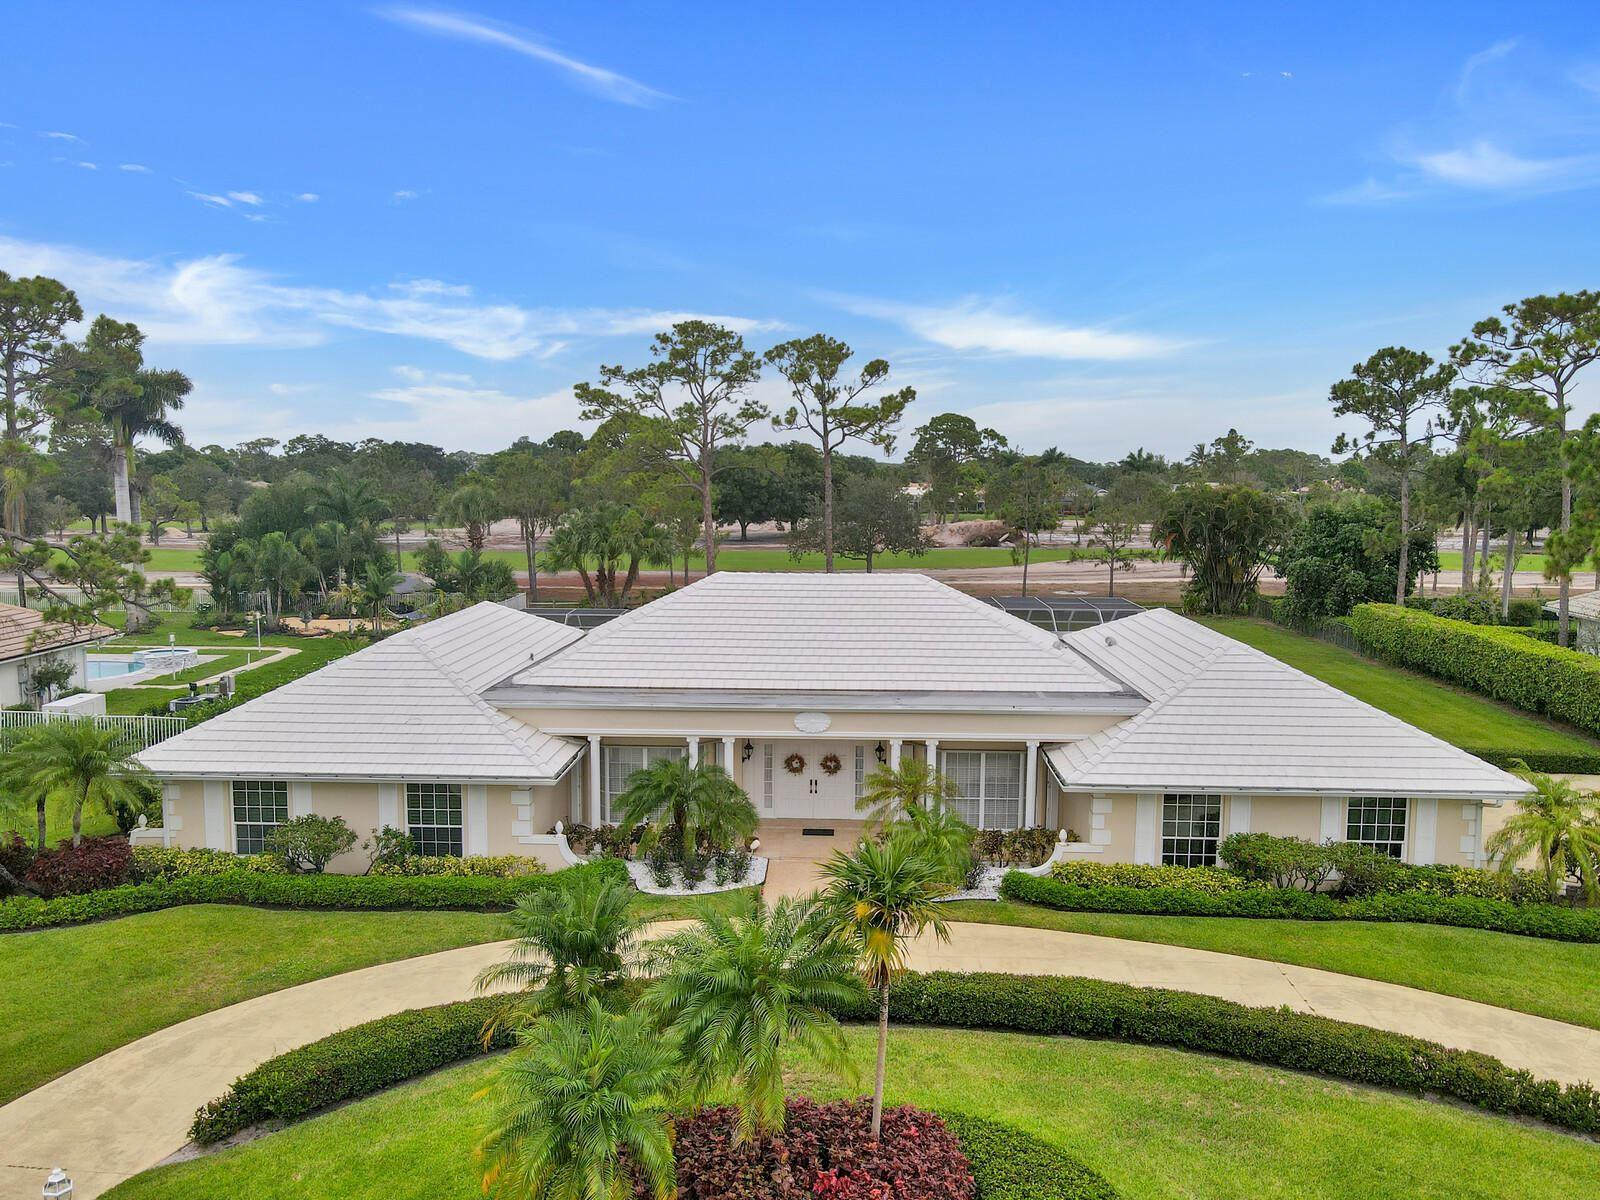 625 Atlantis Estates Way, Atlantis, FL 33462 - #: RX-10725278